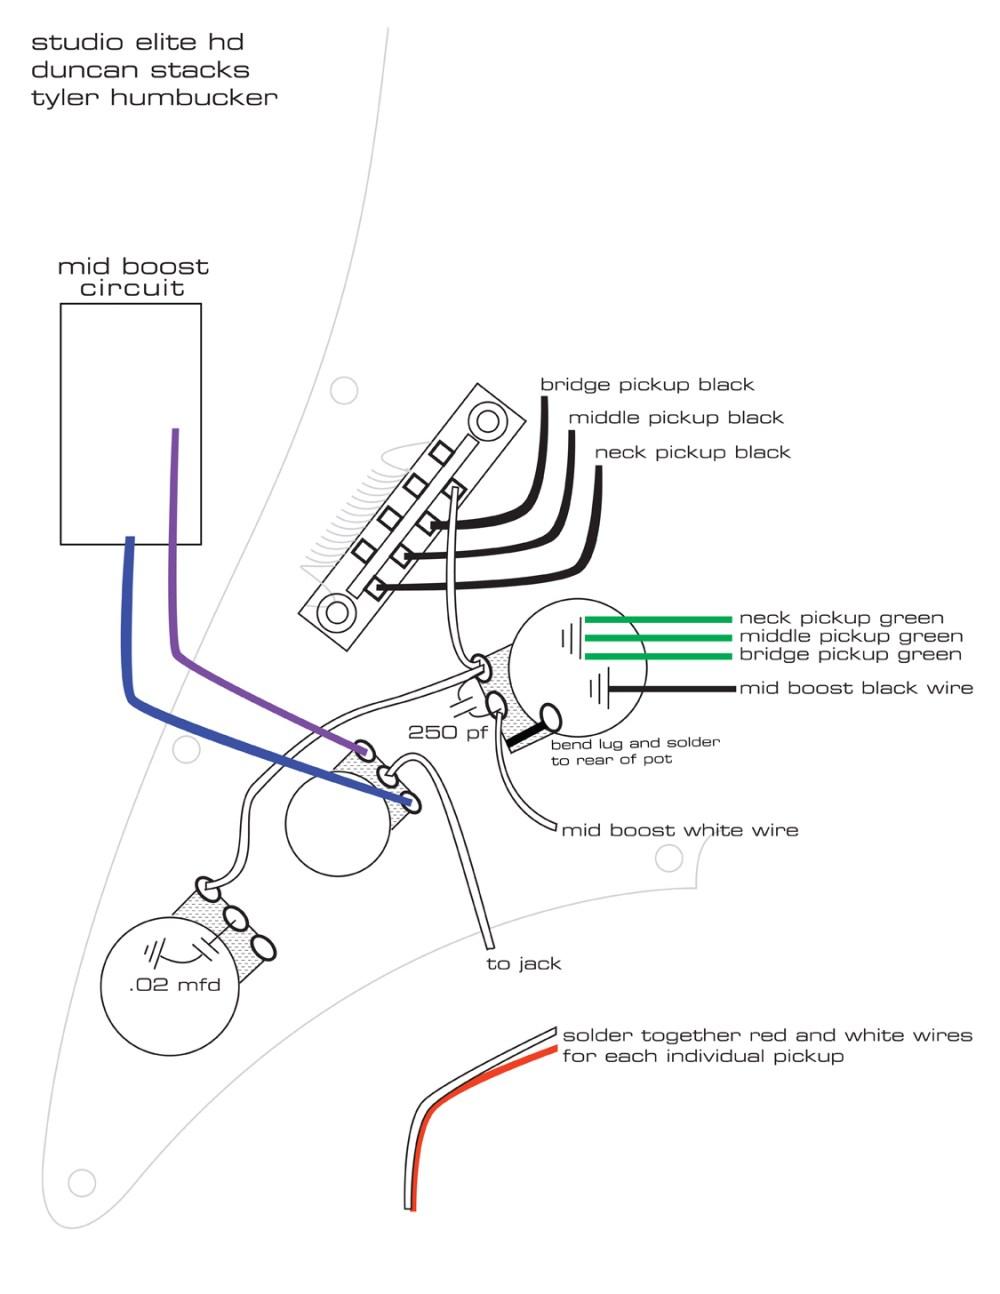 medium resolution of duncan tyler ssh